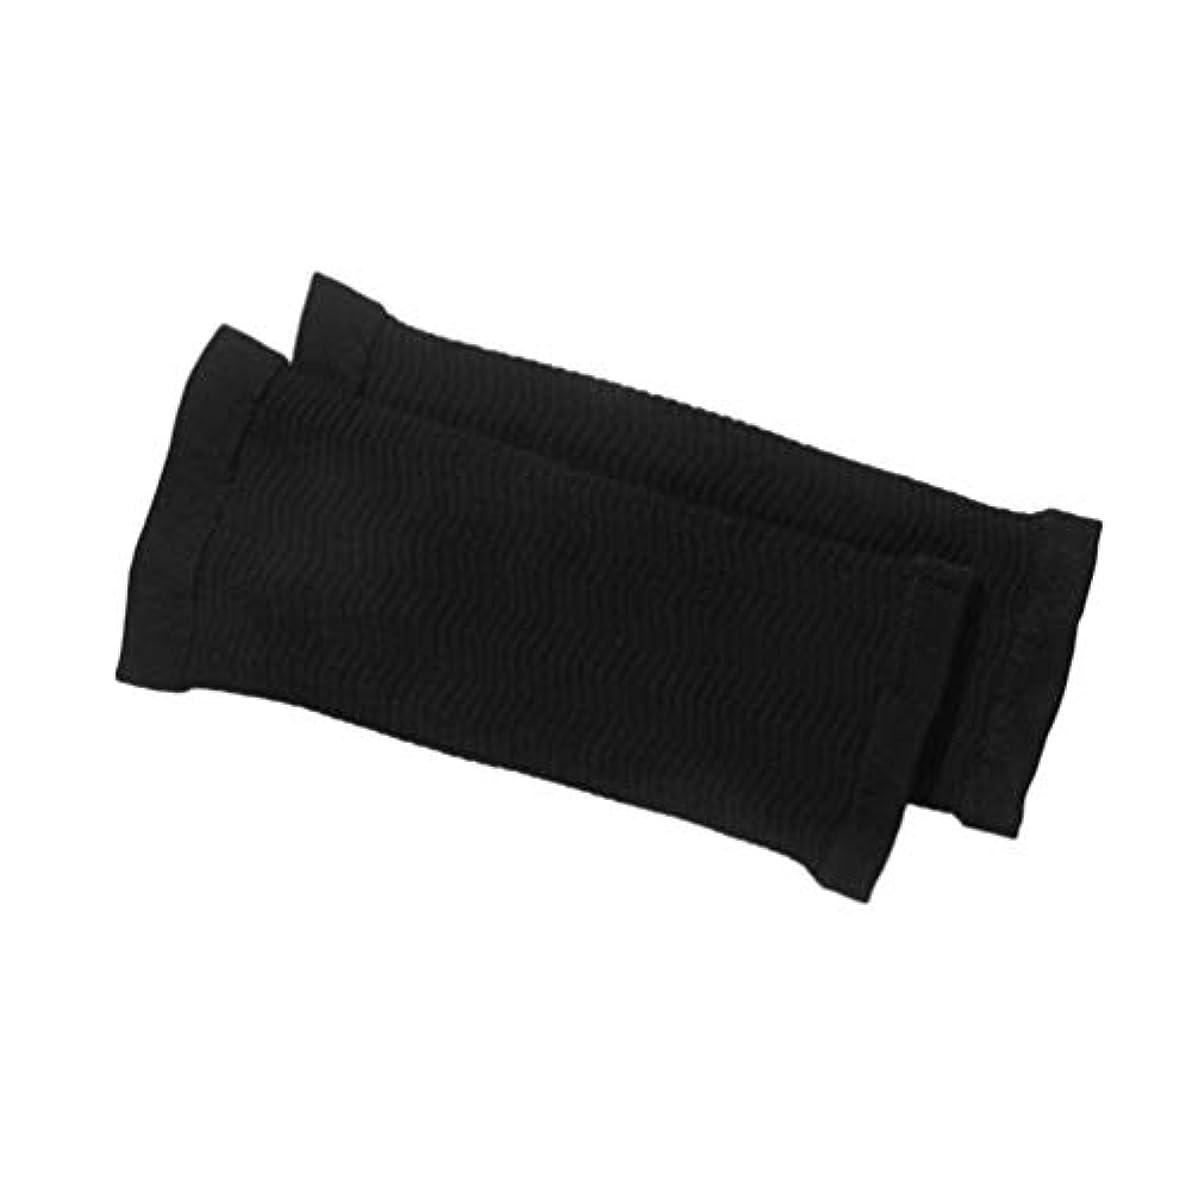 中間繊毛タンザニア1ペア420 D圧縮痩身アームスリーブワークアウトトーニングバーンセルライトシェイパー脂肪燃焼袖用女性 - 黒